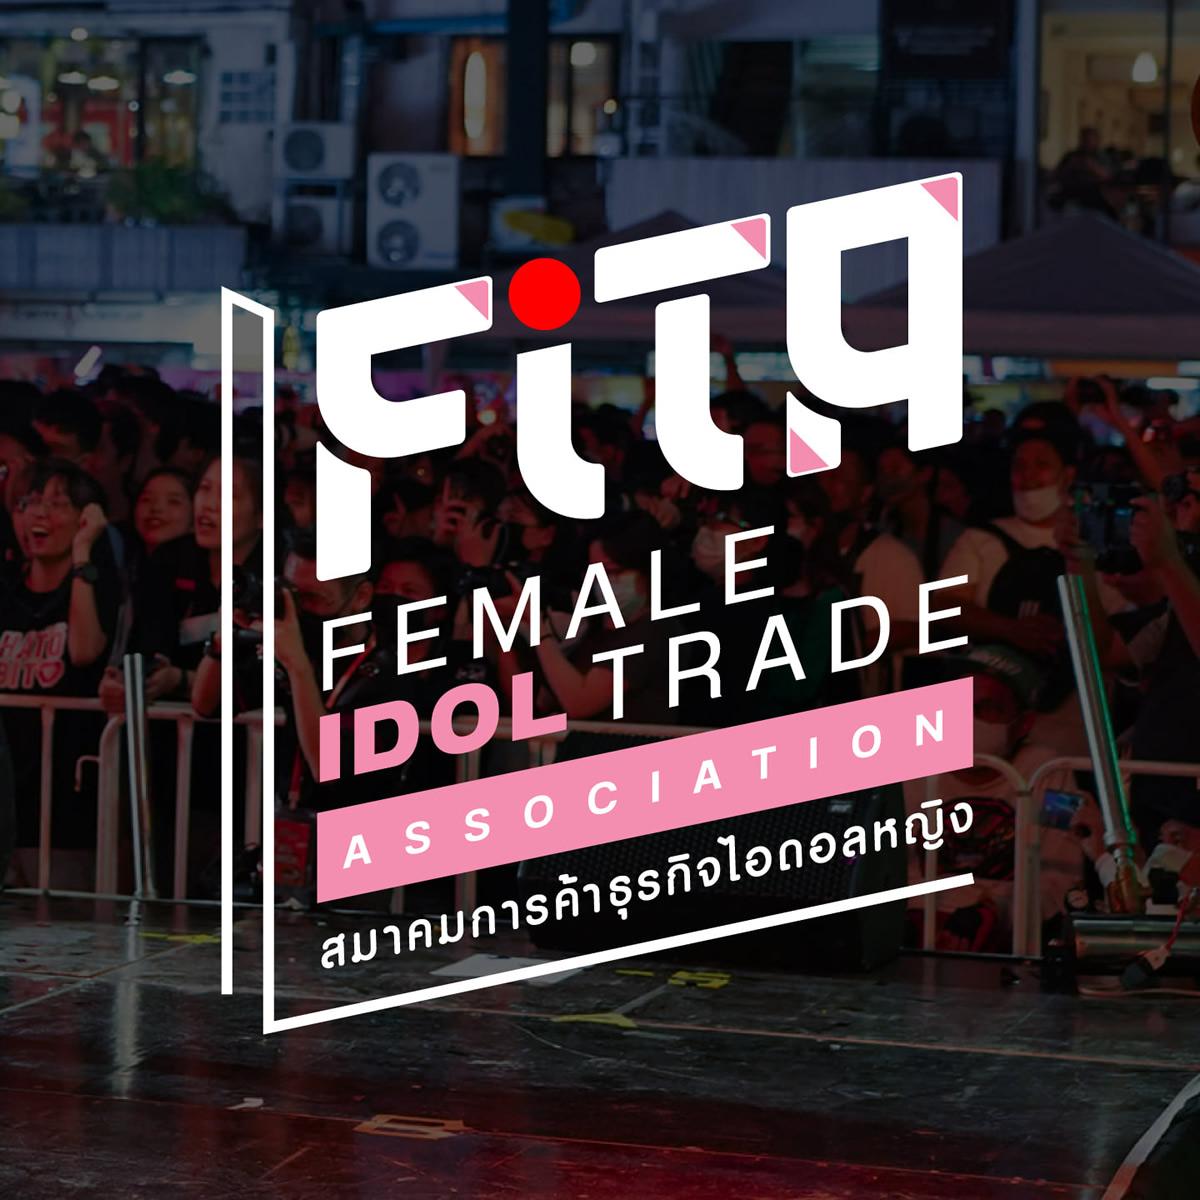 タイで「女性アイドル事業者団体(Female Idol Trade Association : FITA)」設立